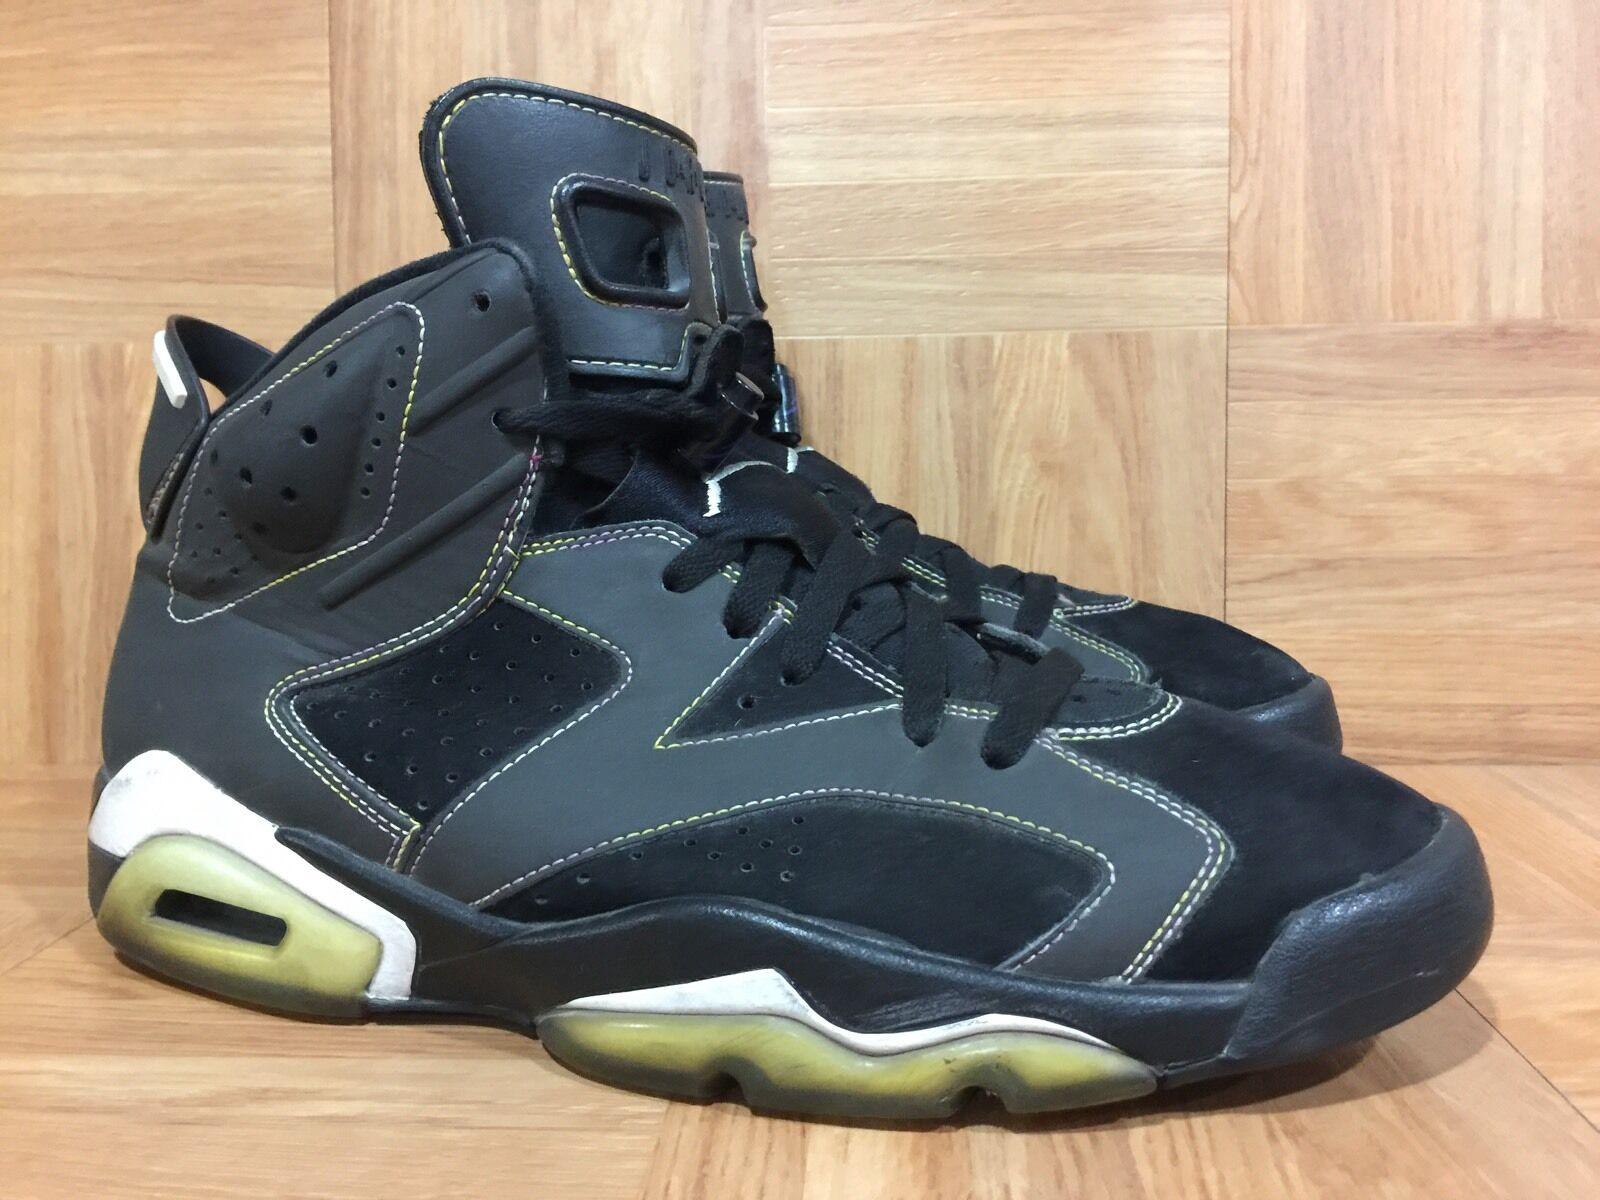 wholesale dealer dd03b 61daa RARE Nike Air Jordan VI 6 Retro Lakers Black Purple gold Sz 10 384664-002